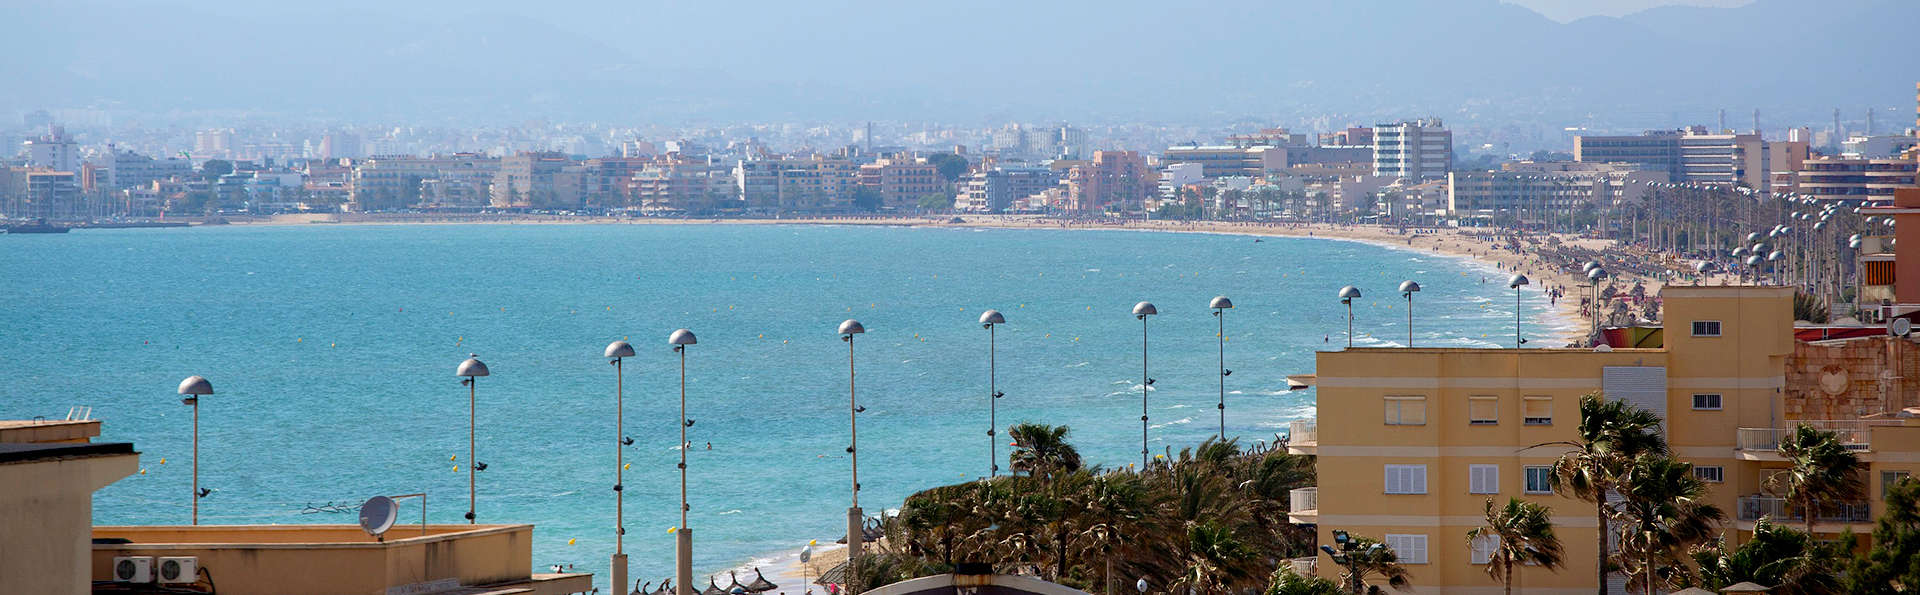 Escapade à Palma de Majorque dans un hôtel près de l'aéroport